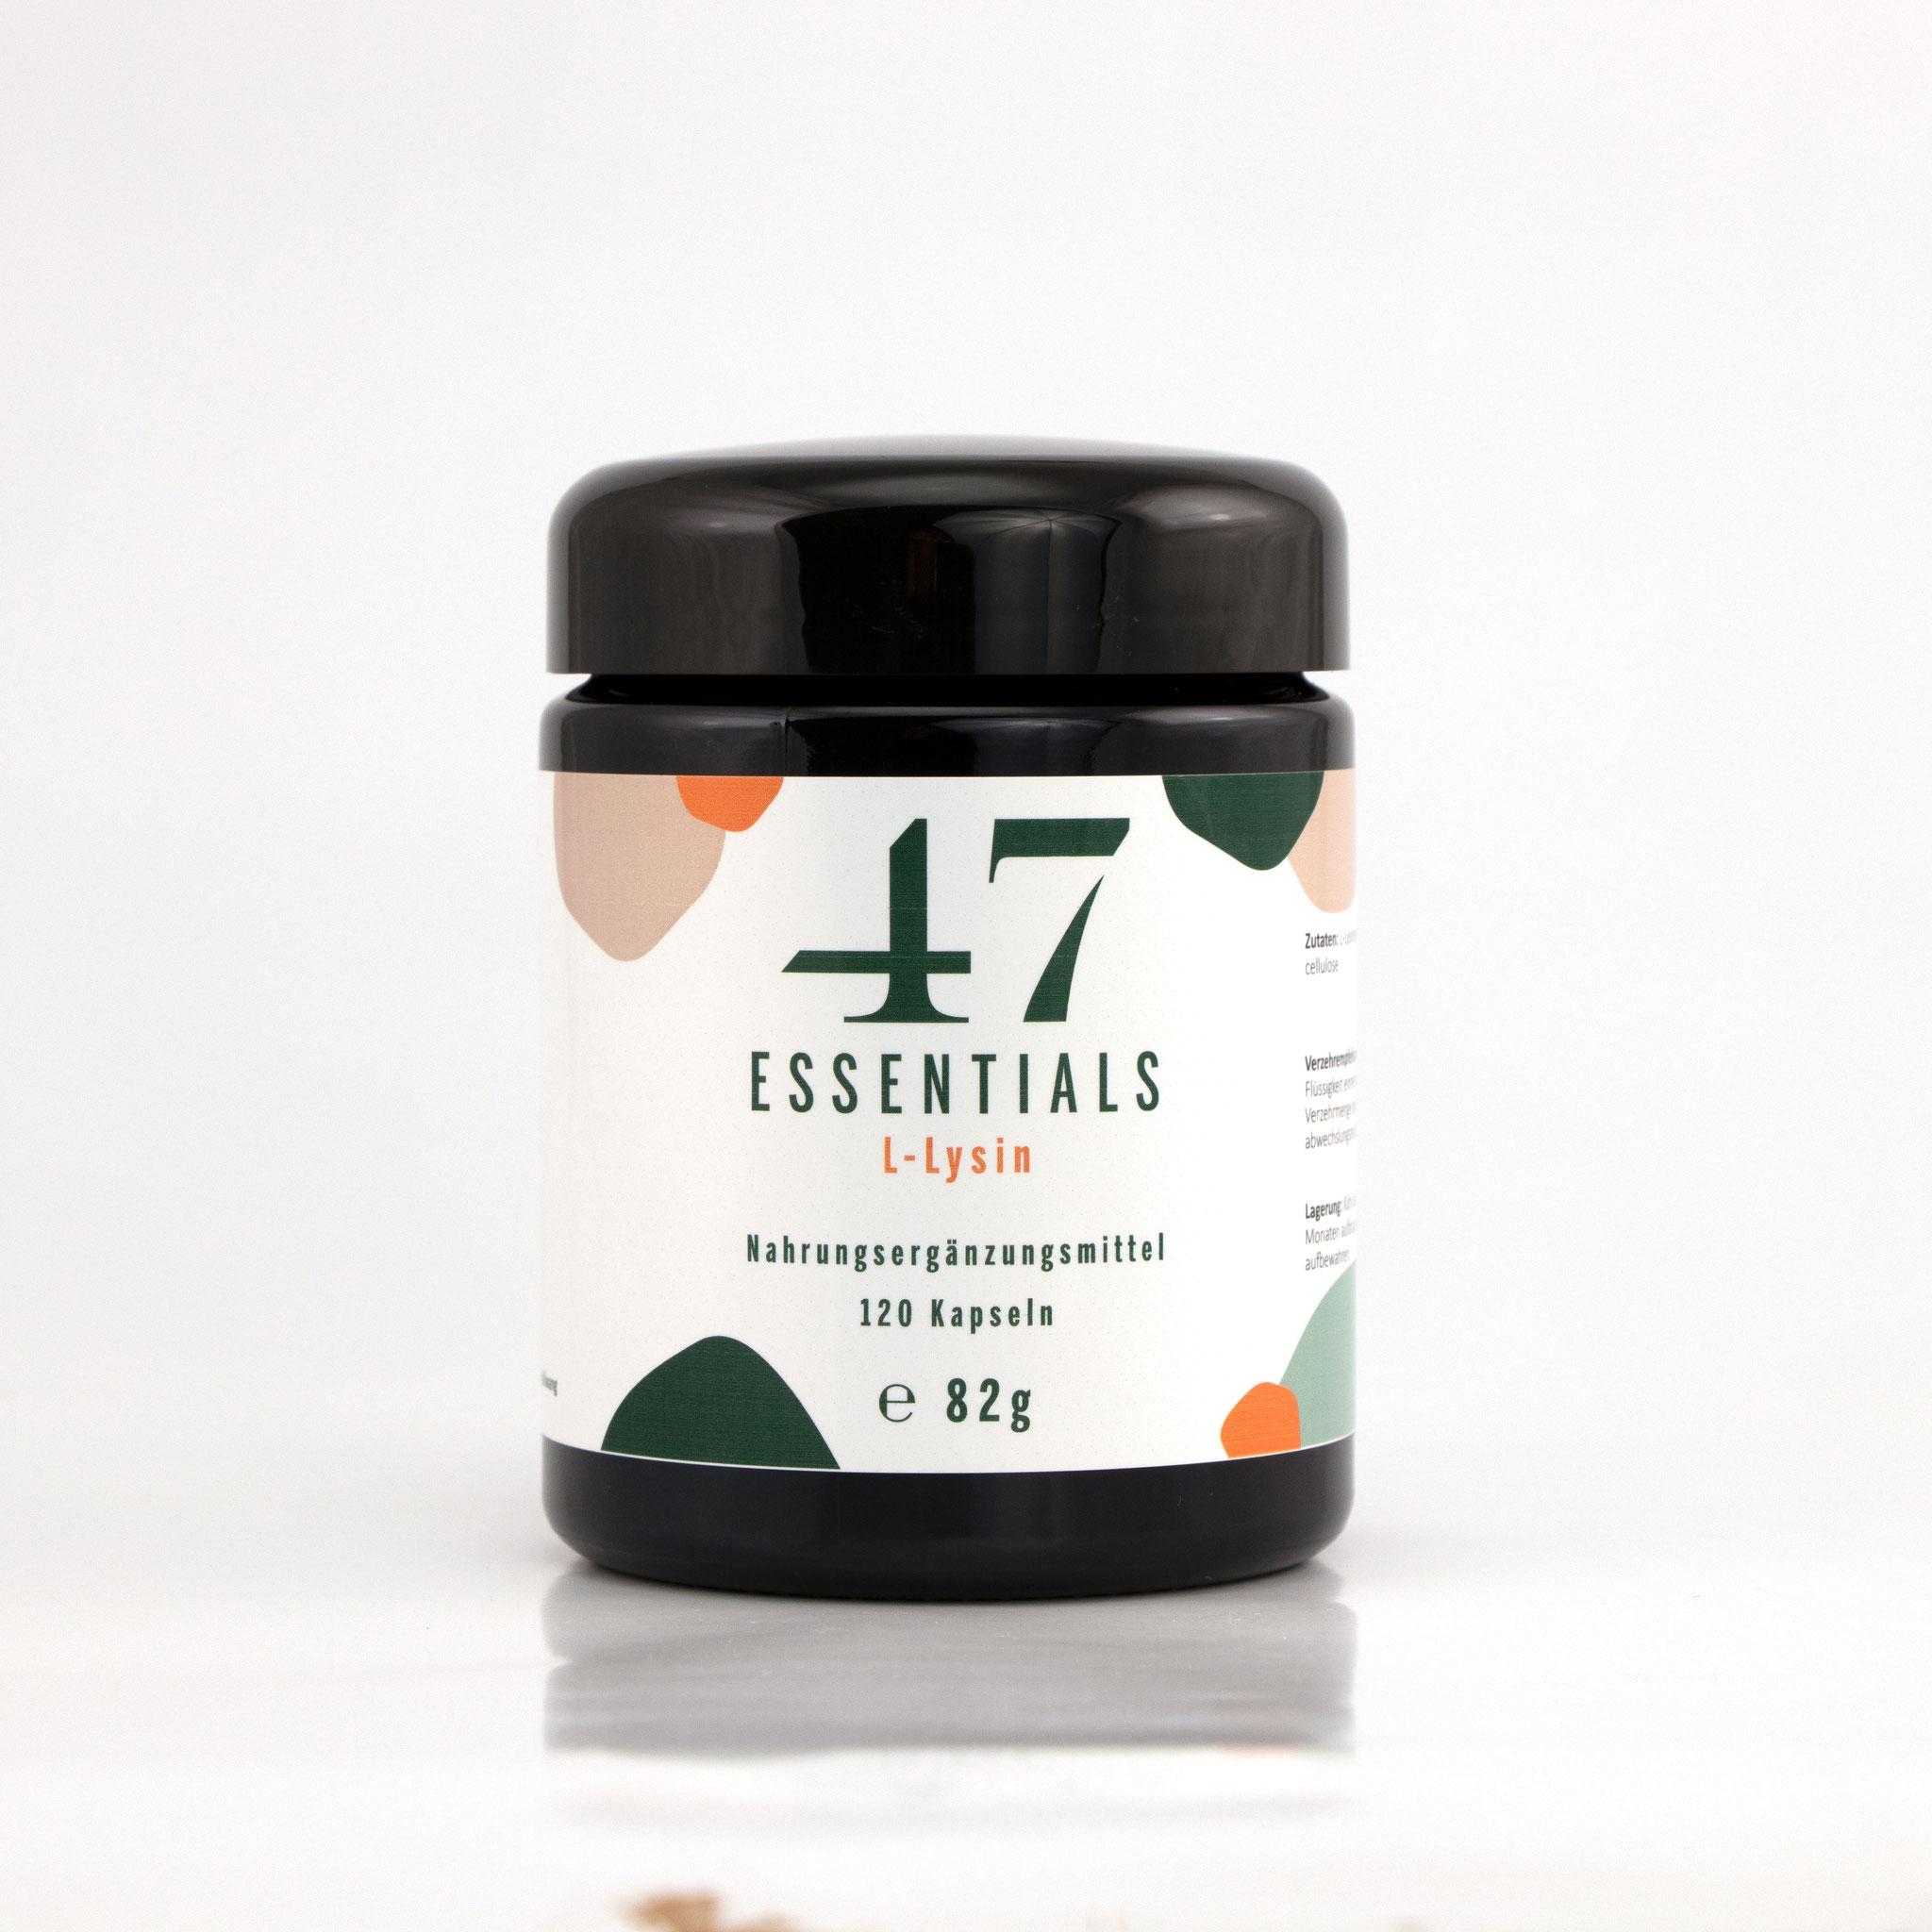 L Lysin 120 Kapseln (Entzündung? Nein danke)     € 25,00           Klicken Sie hier um mehr über das Produkt zu erfahren